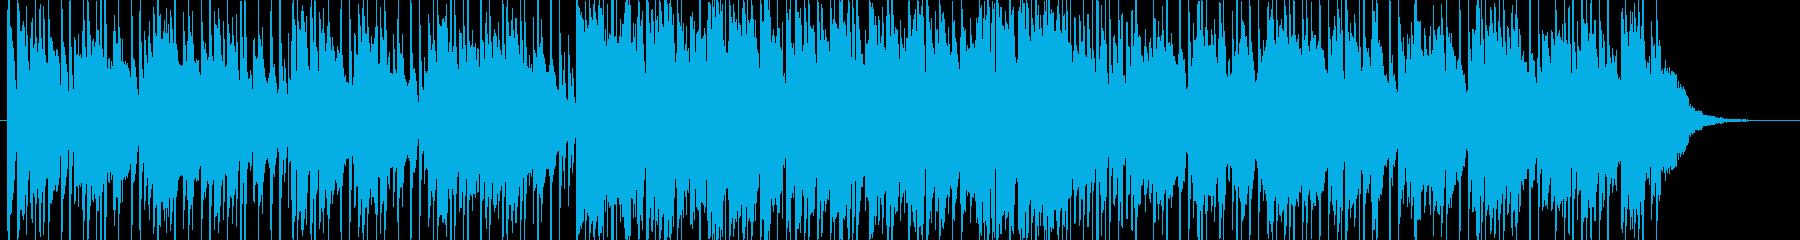 切ない雰囲気のピアノ曲ですの再生済みの波形